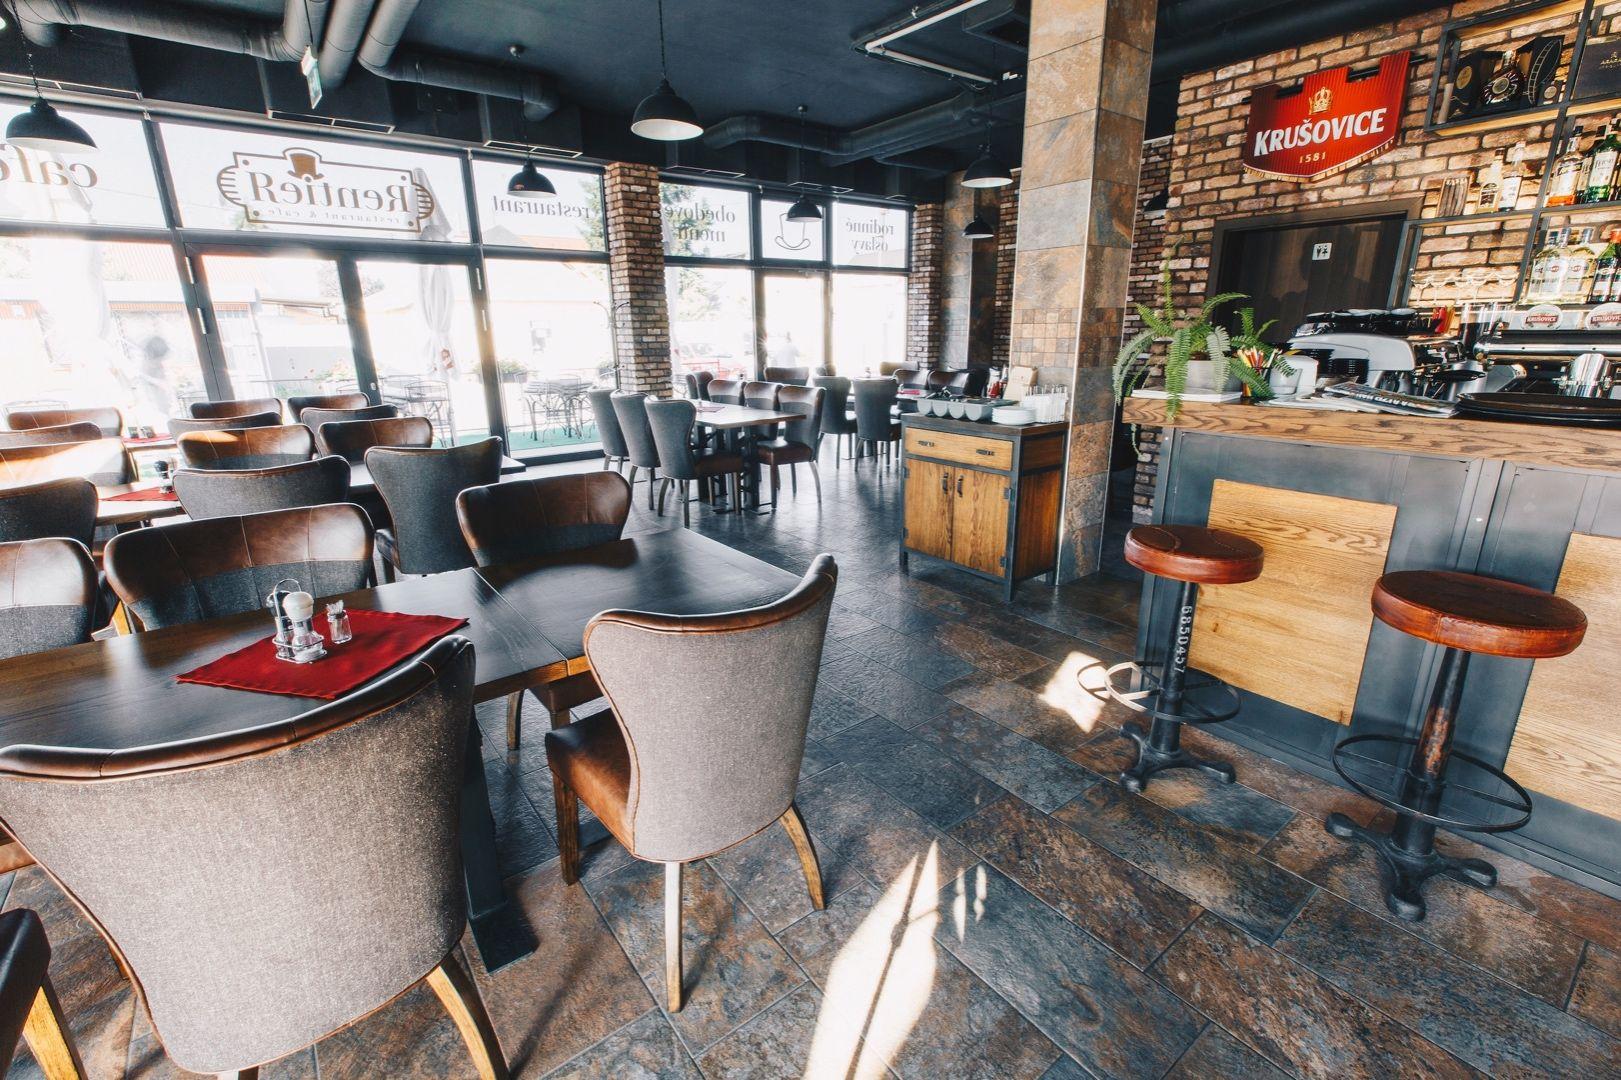 Odstúpime štýlovo zariadenú reštauráciu v priamom centre Ivanky pri Dunaji